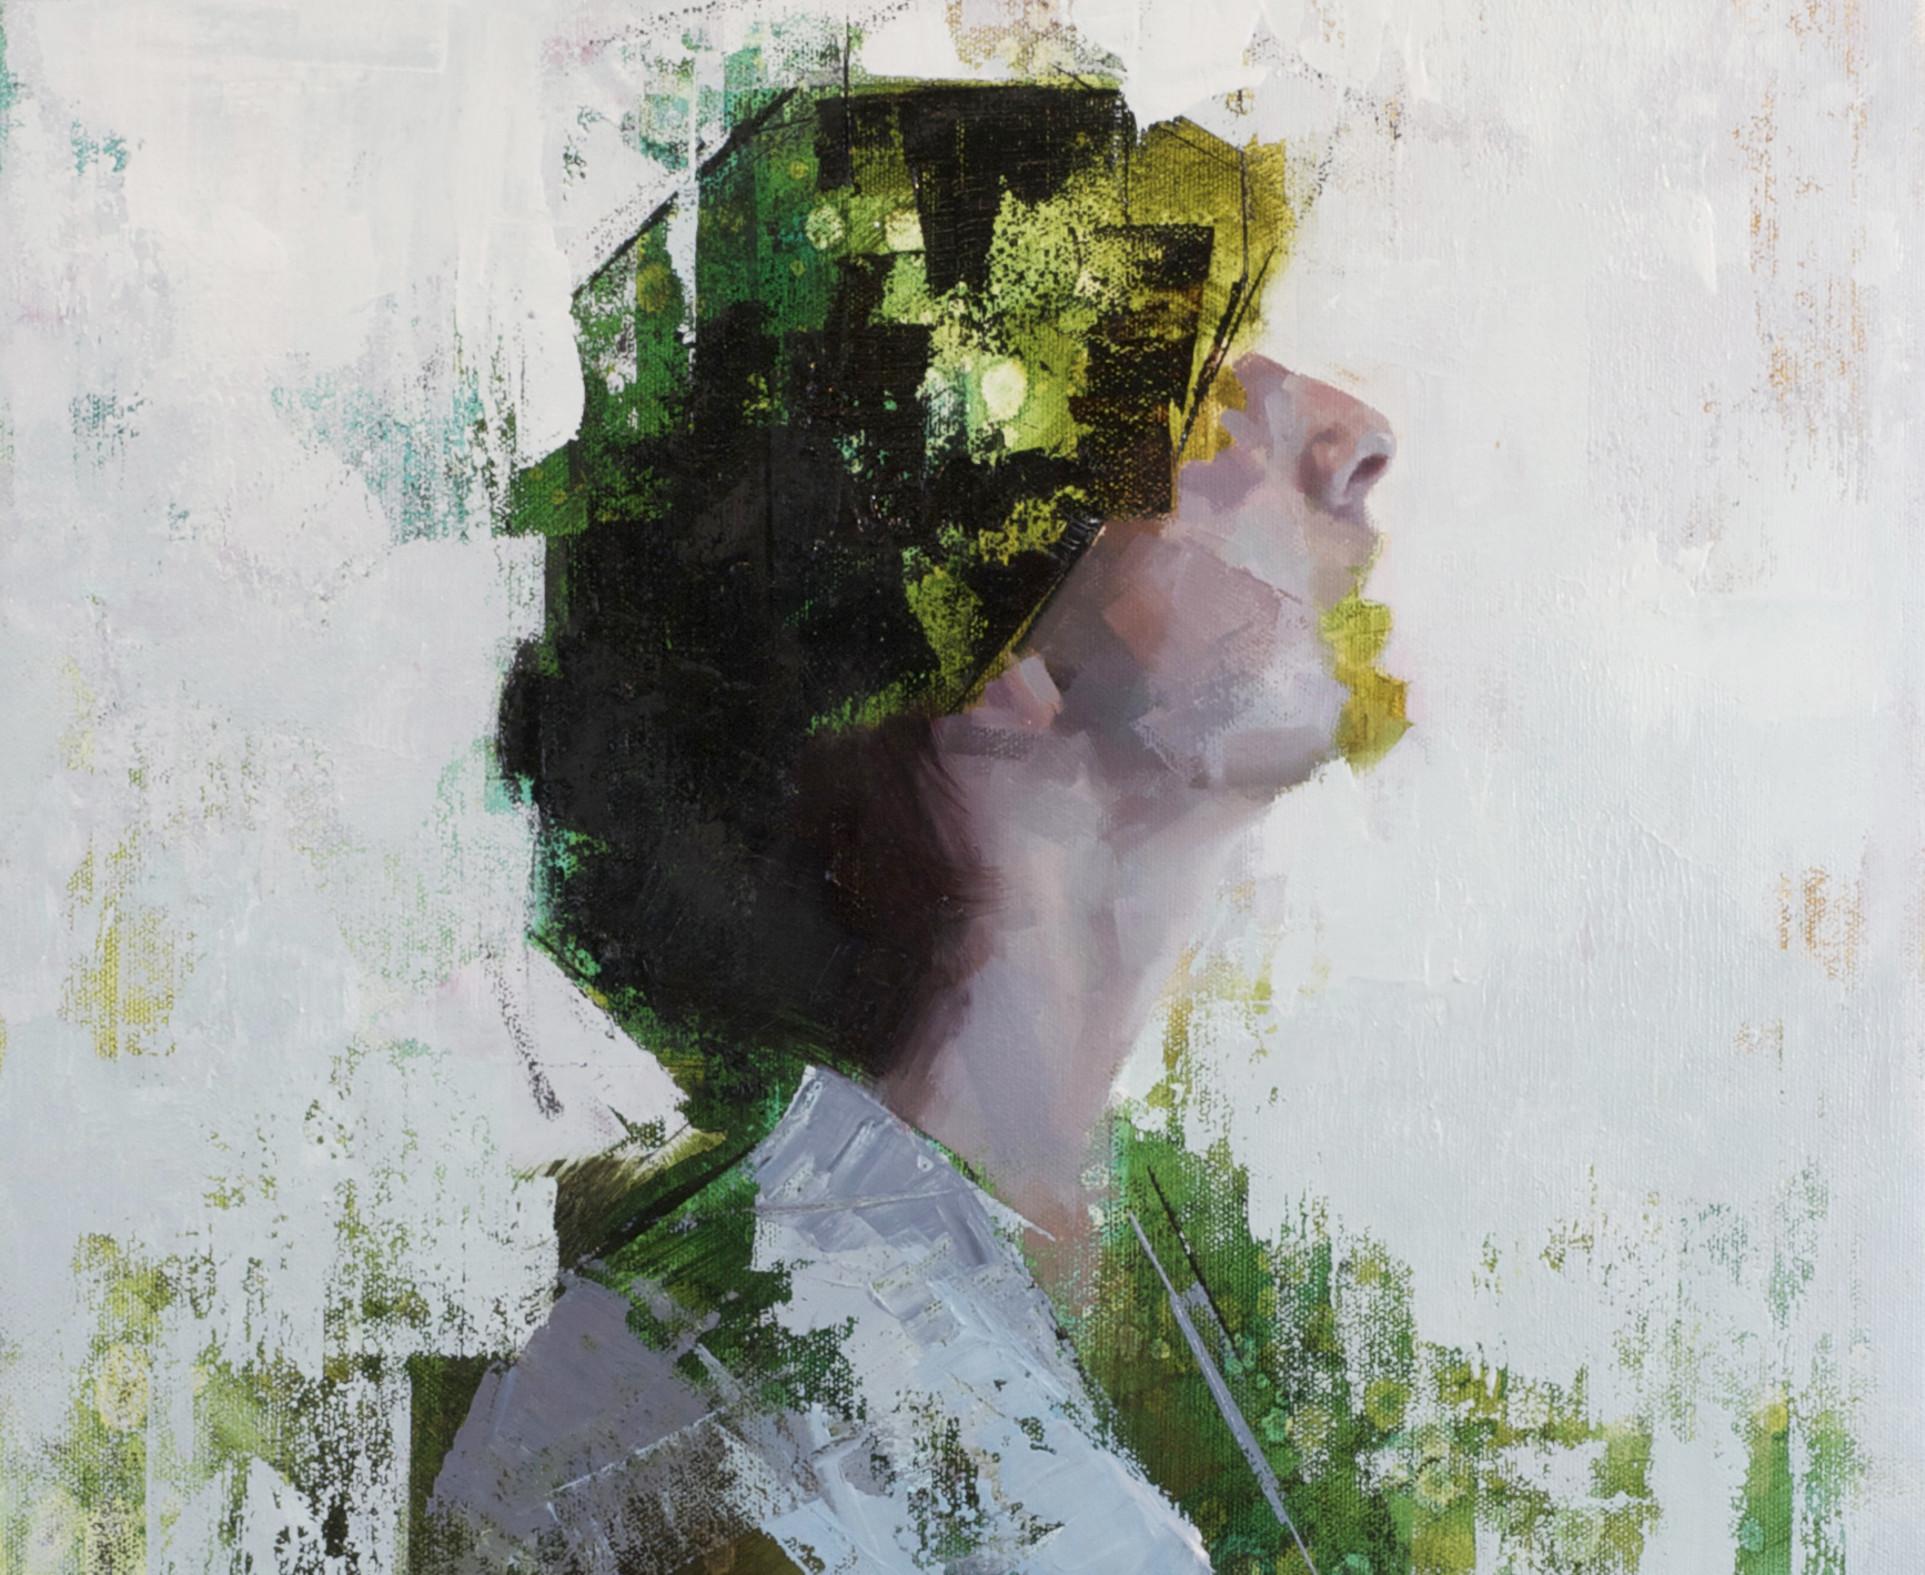 John Wentz, Imprint No. 29, 2015